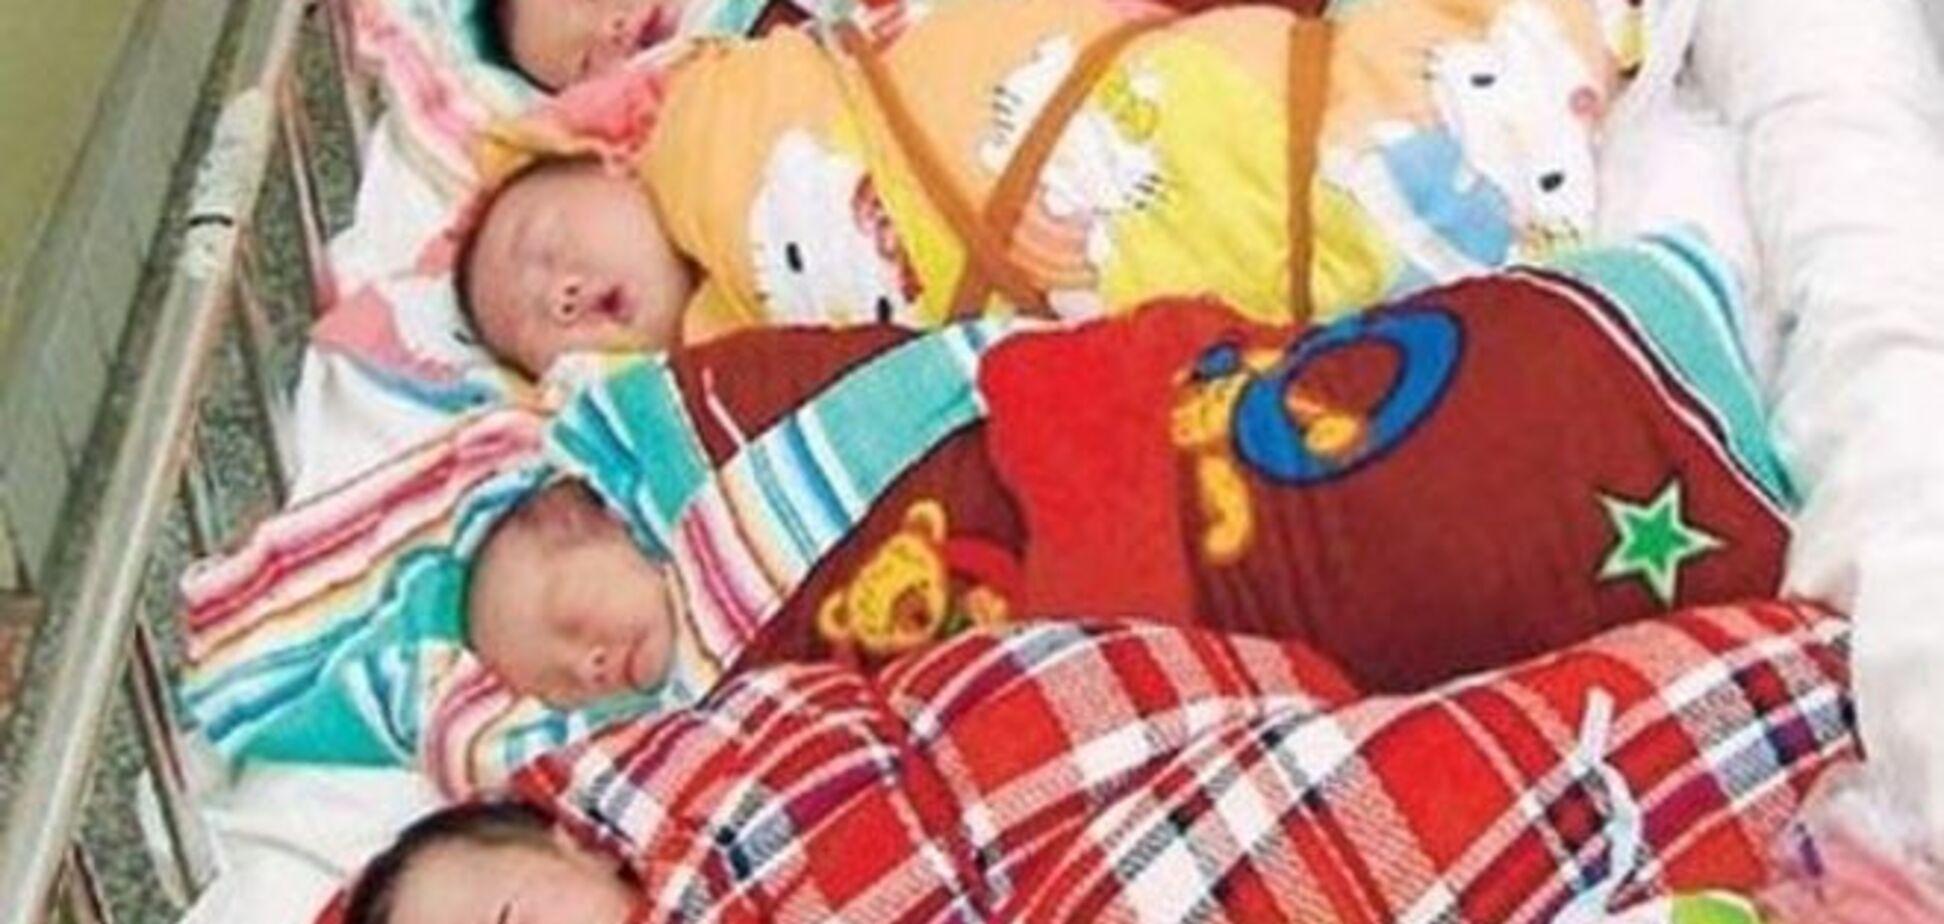 Бэби-бум: стало известно, куда едут рожать женщины с оккупированных территорий Донбасса